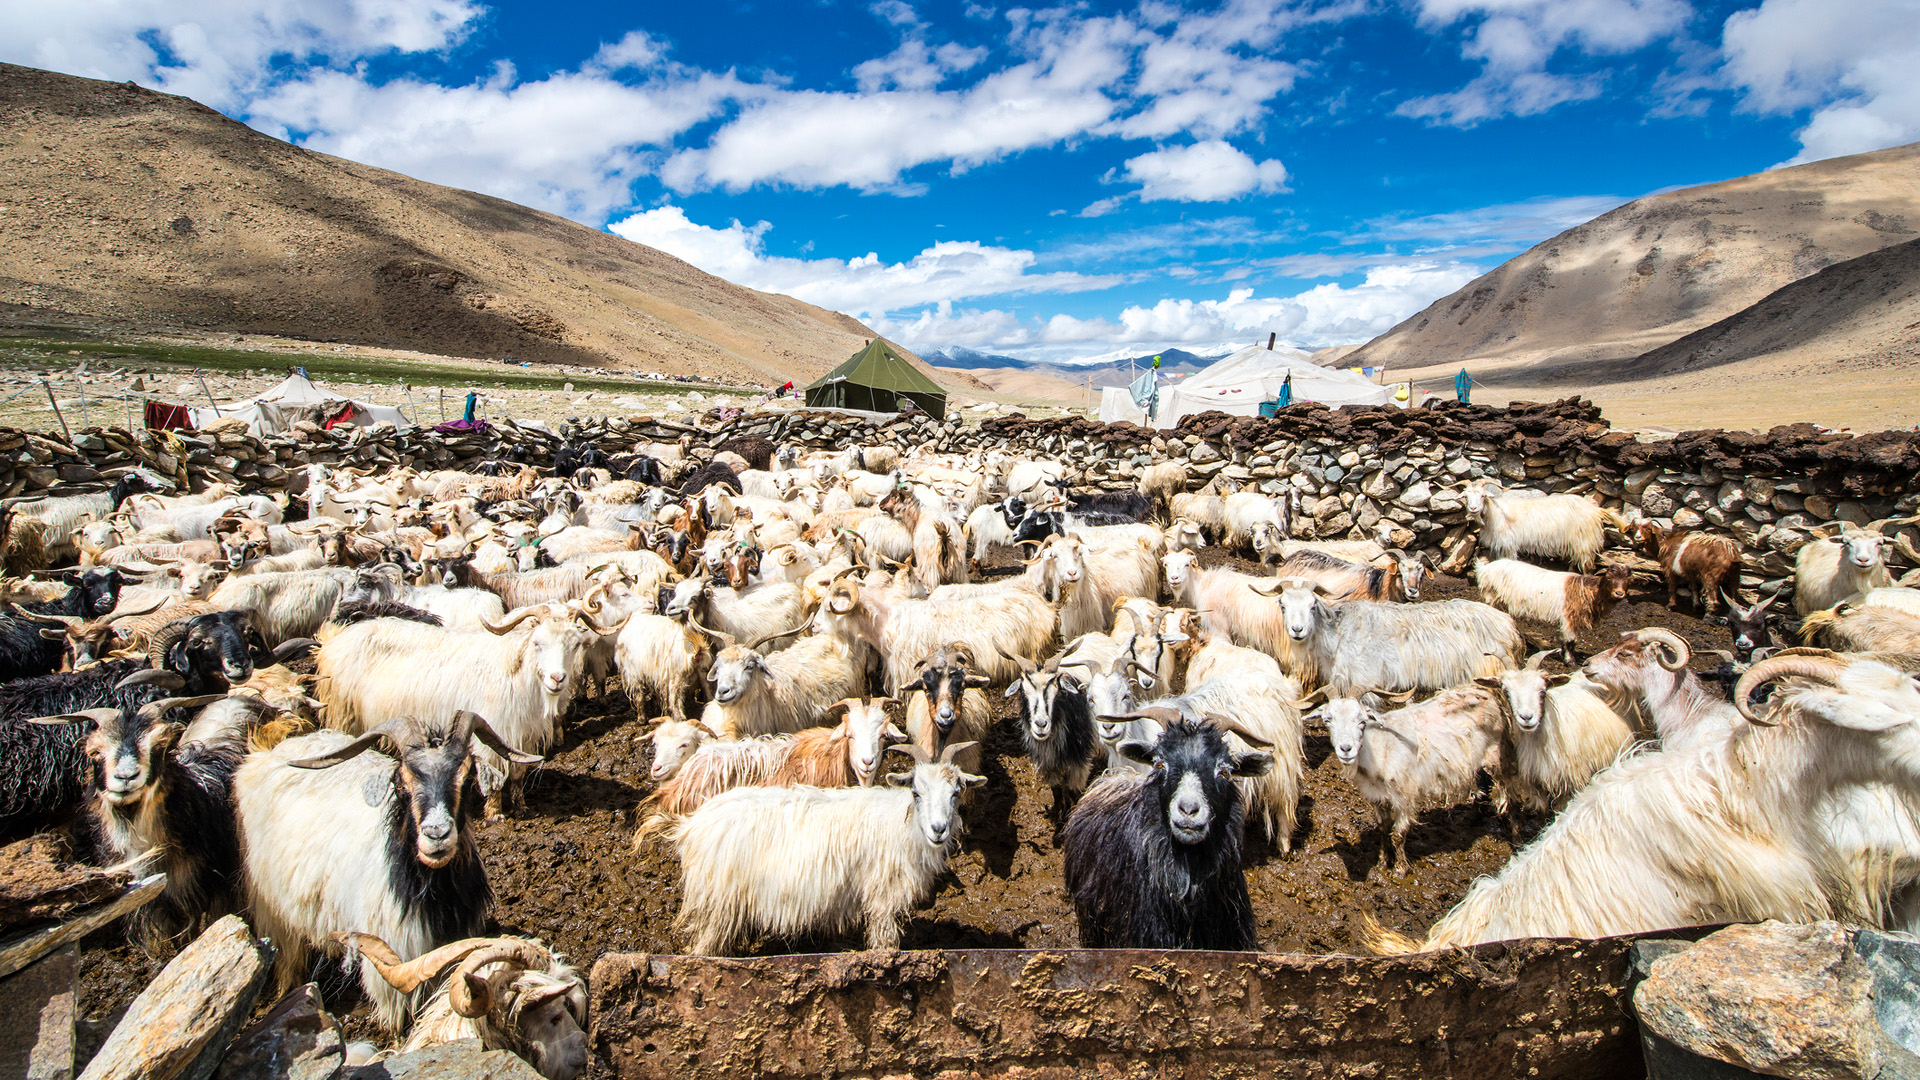 Changtang: A világ tetején